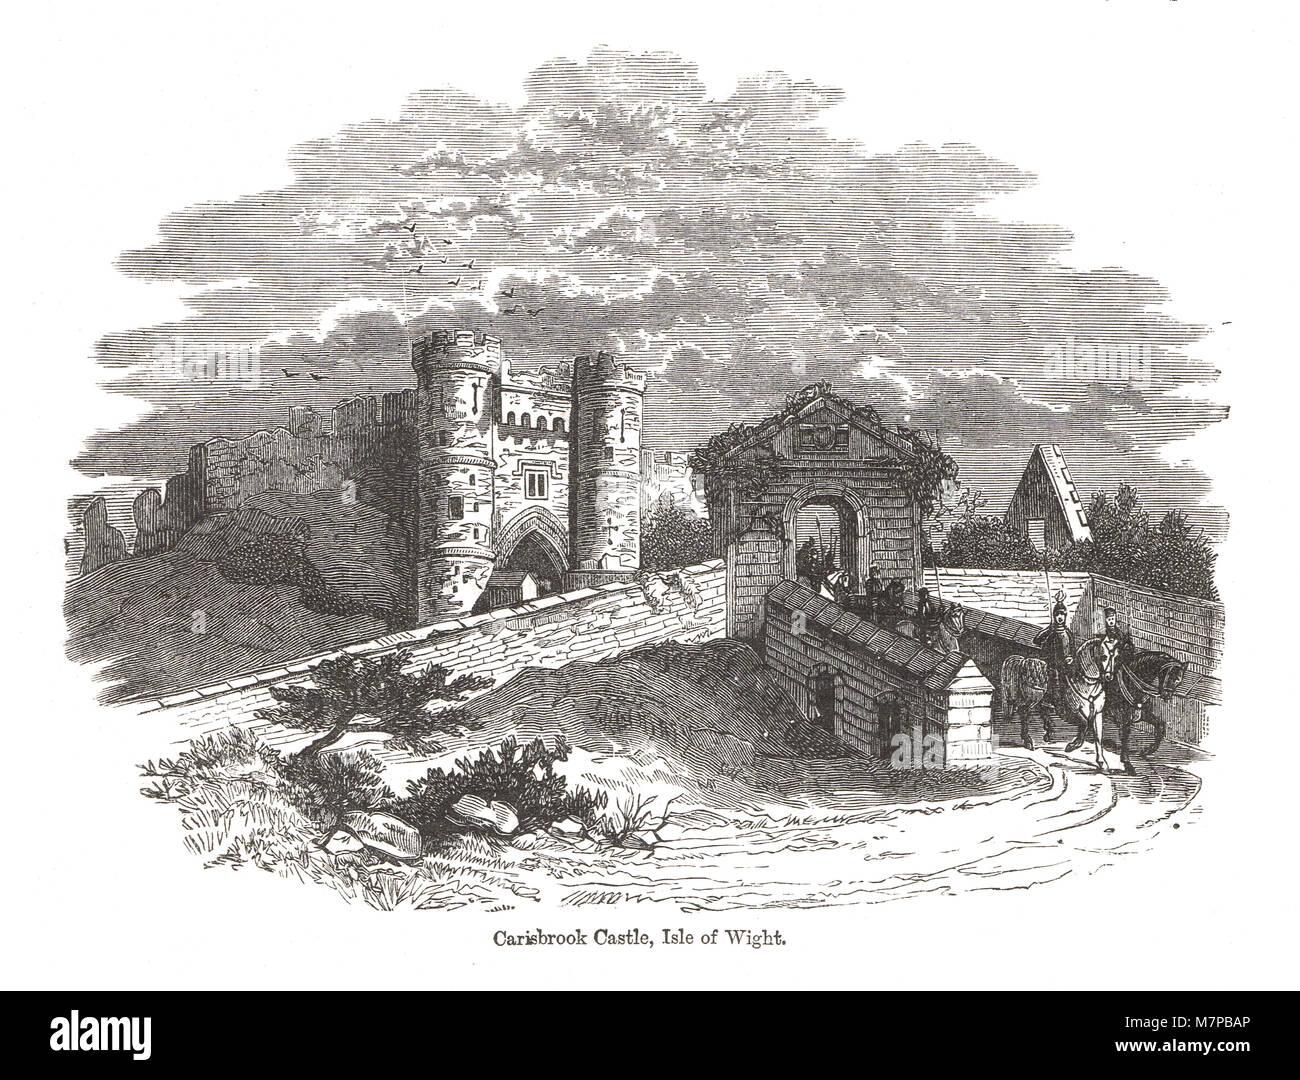 Carisbrooke Castle, en la Isla de Wight, Carlos I fue encarcelado aquí durante 14 meses antes de su ejecución Imagen De Stock